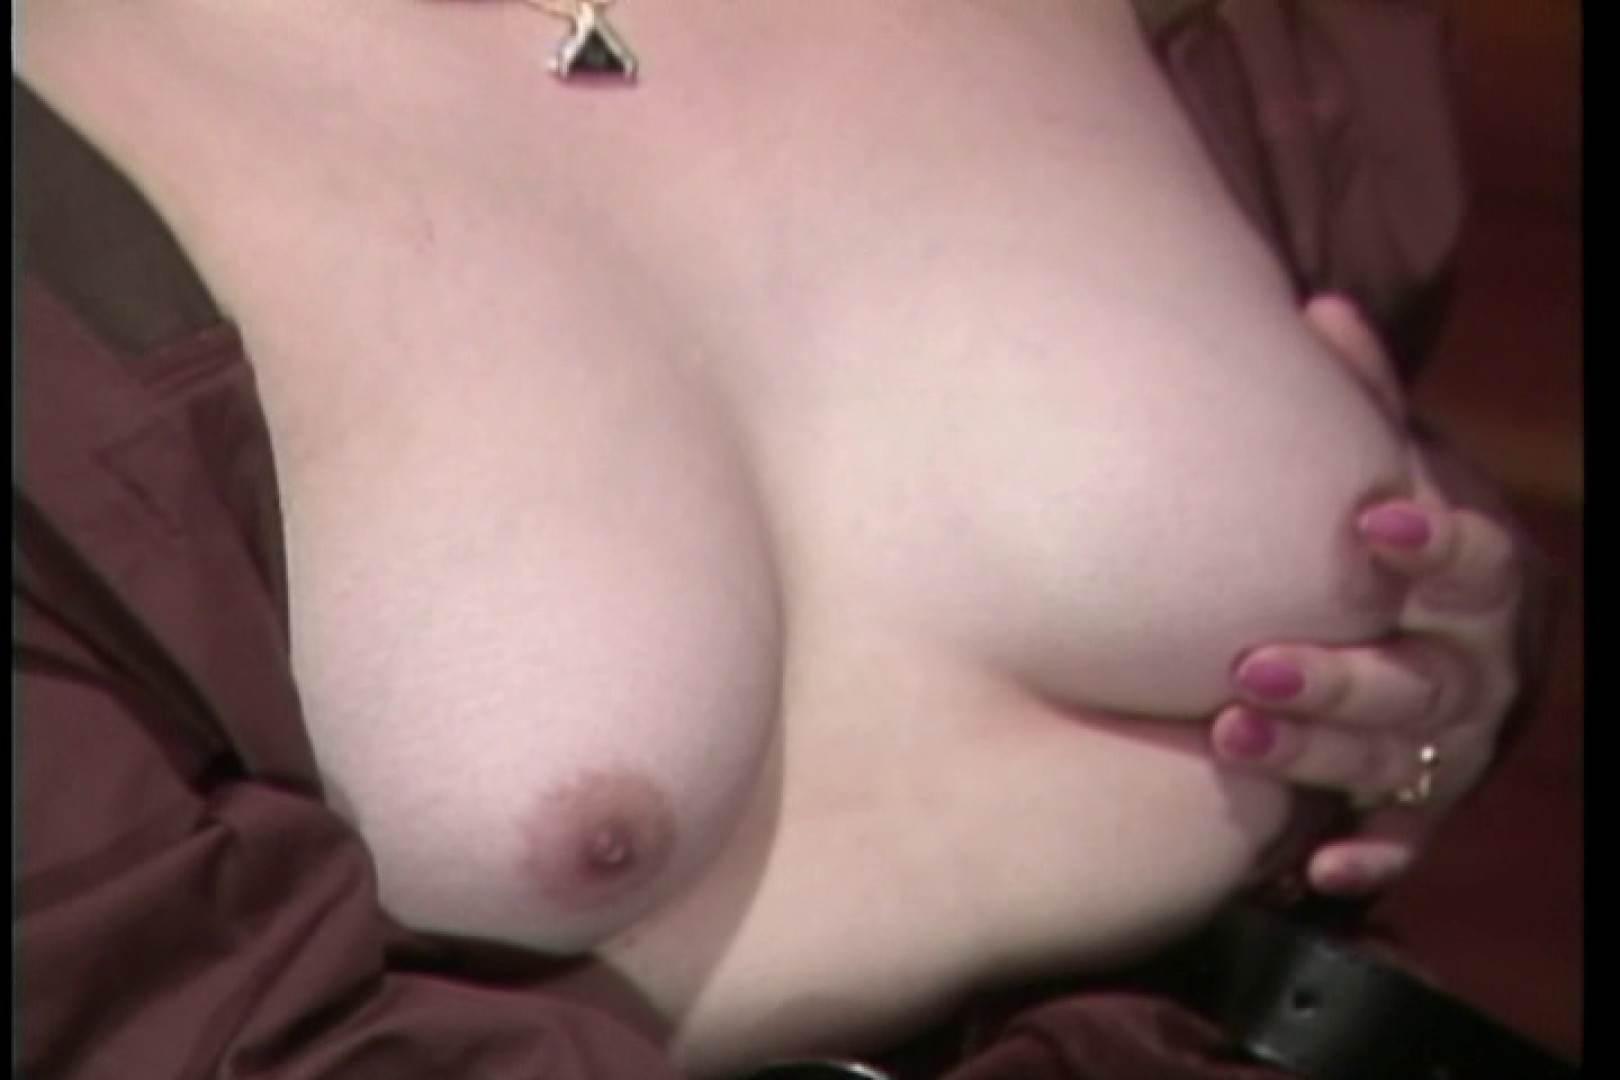 変態亜美のアブノーマルな世界・前編~夢野亜美~ オナニー特集   巨乳デカ乳  112画像 54